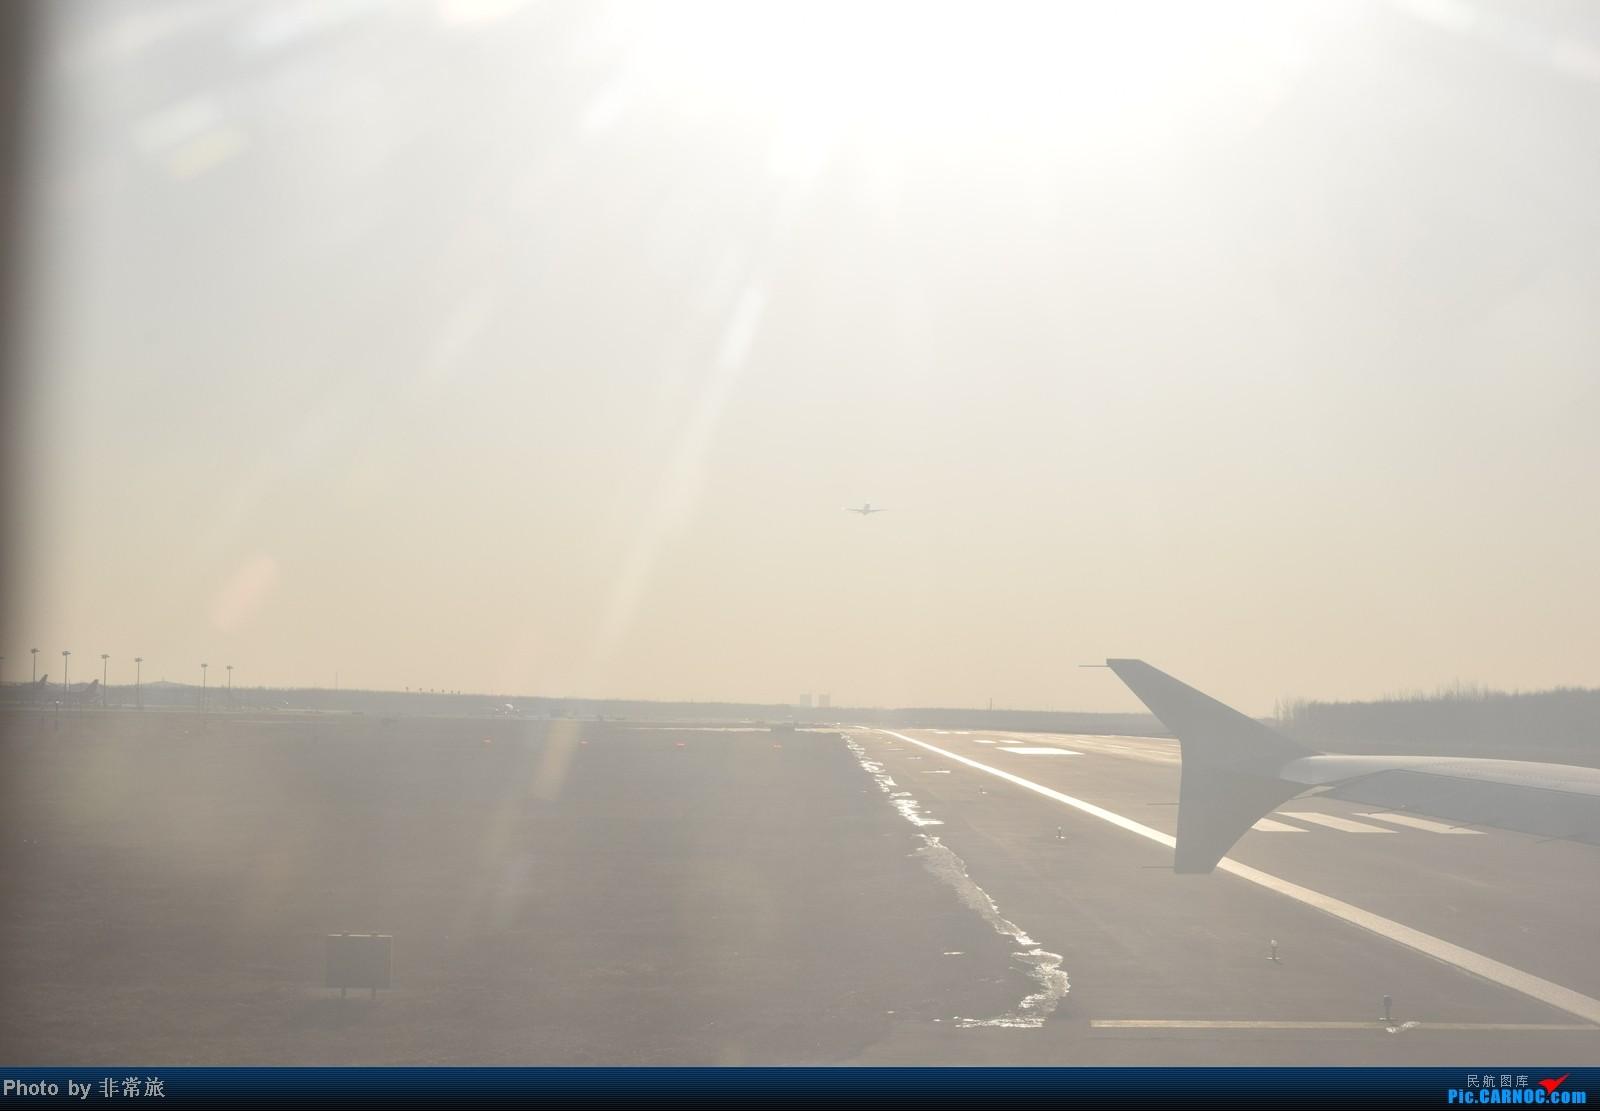 Re:[原创]大年三十除夕夜,三万英尺云霄间。 AIRBUS A321-200 B-2283 中国沈阳桃仙机场